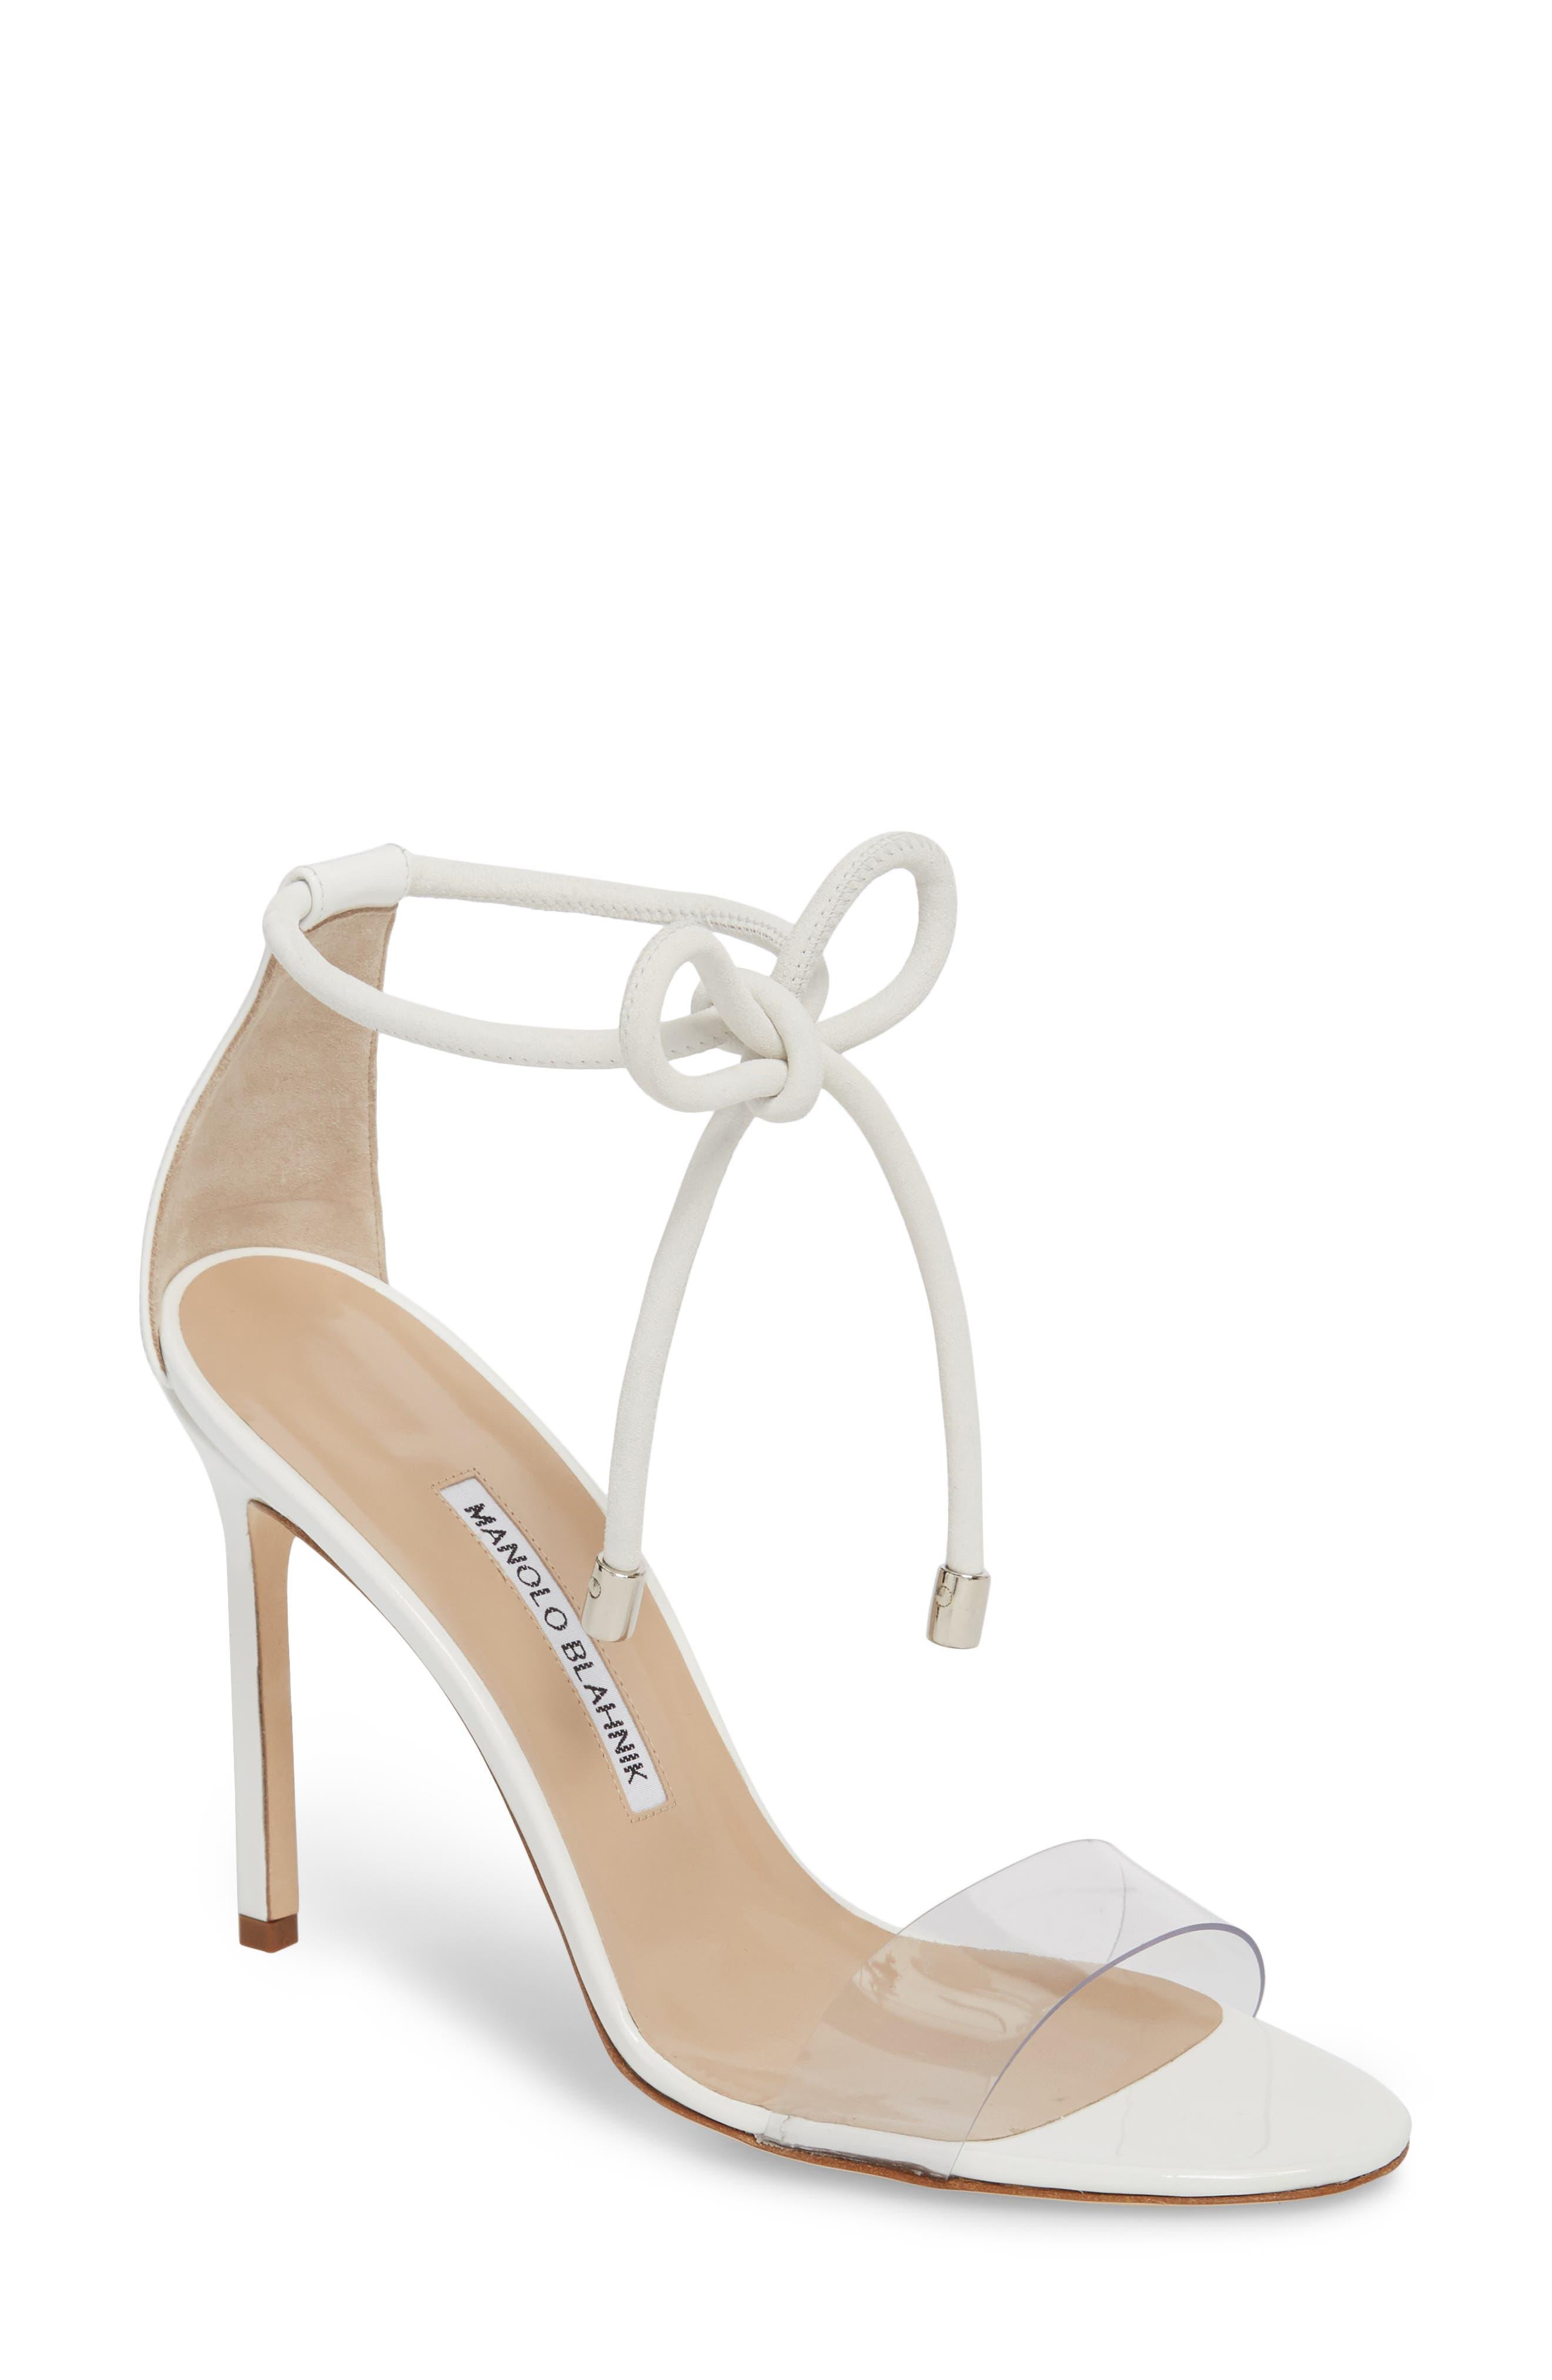 Estro Ankle Tie Sandal,                             Main thumbnail 1, color,                             White Patent